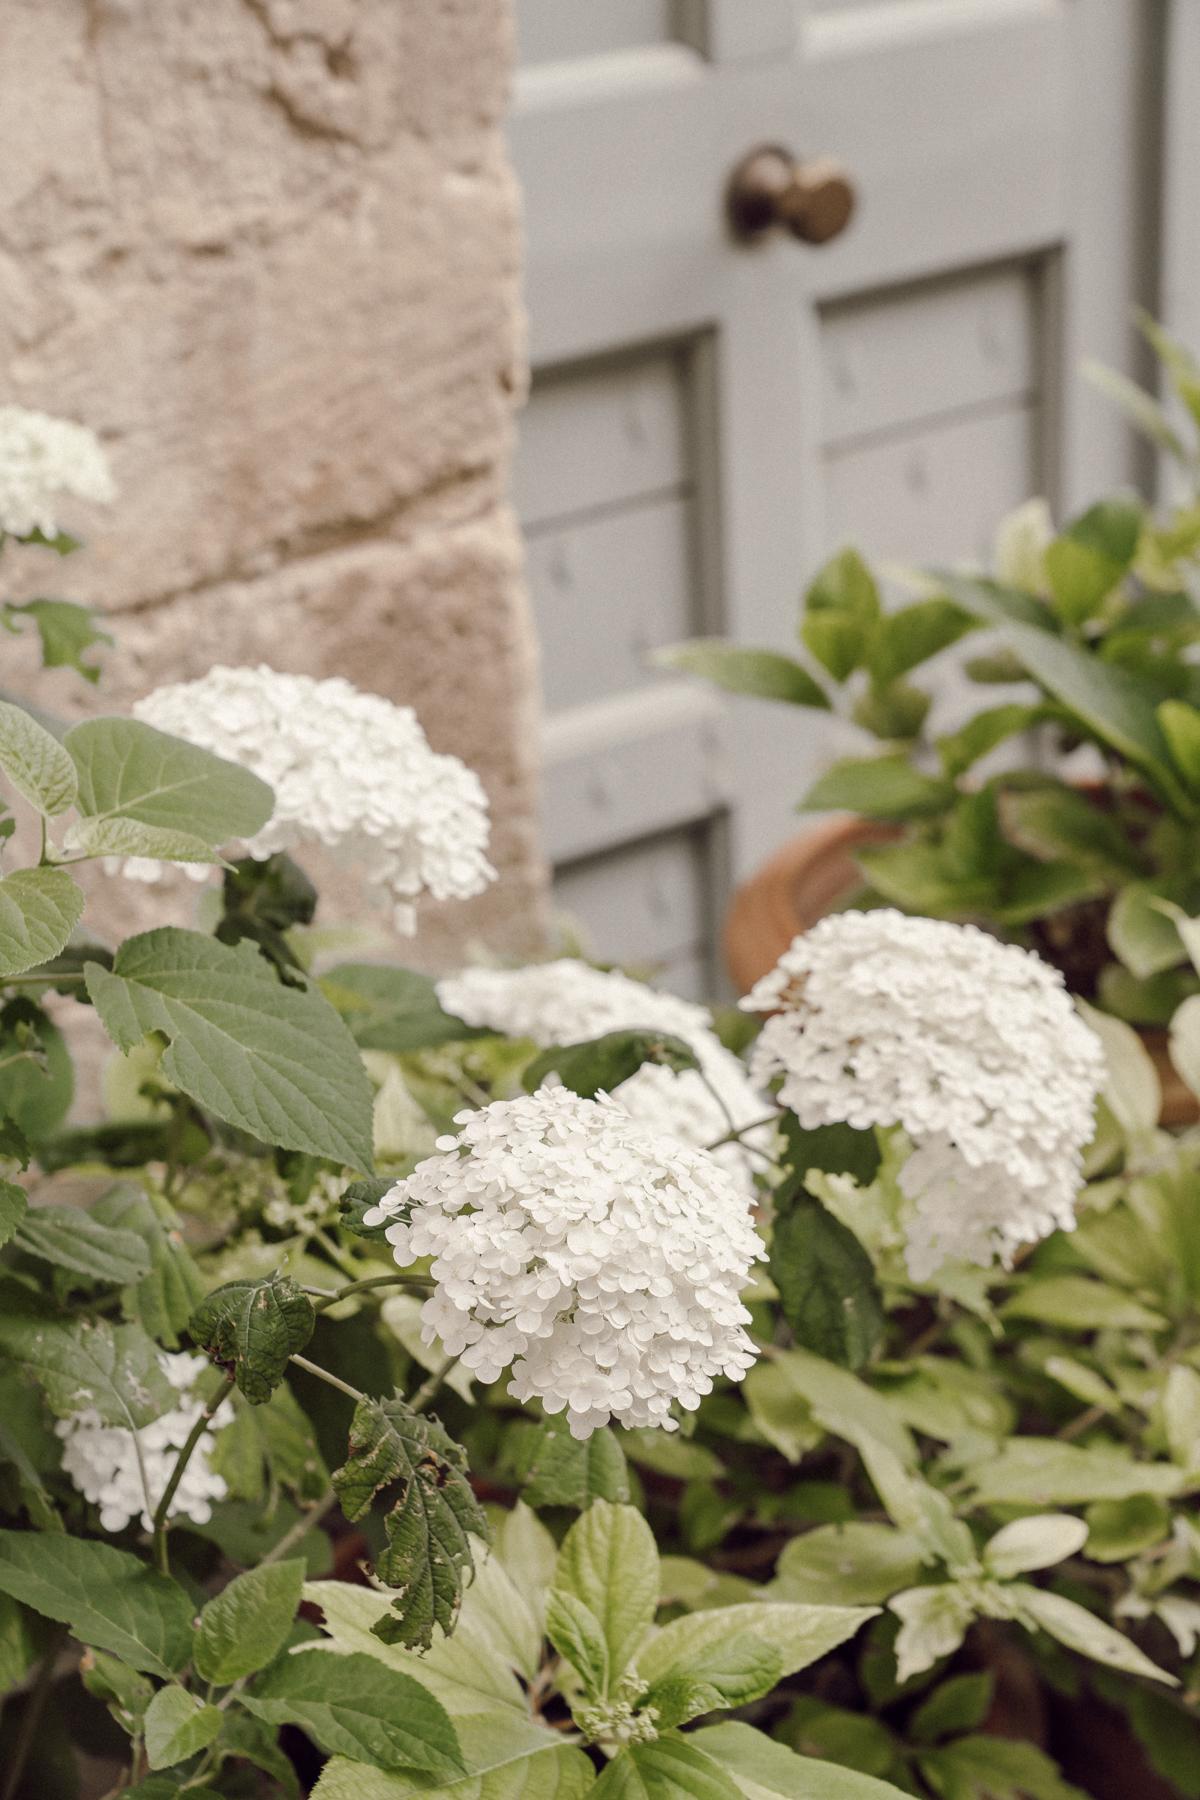 Hello les amis ! J'espère que vous allez bien et que vous passez un bon début de mois d'août :) Merci de tous vos retours suite à mon précédent article sur notre séjour en Provence ! Après vous avoir emmené à Ménerbes, Oppède-le-Vieux et L'Isle-sur-la-Sorgue, on part cette fois-ci à Bonnieux, Apt, Lacoste et Lourmarin !